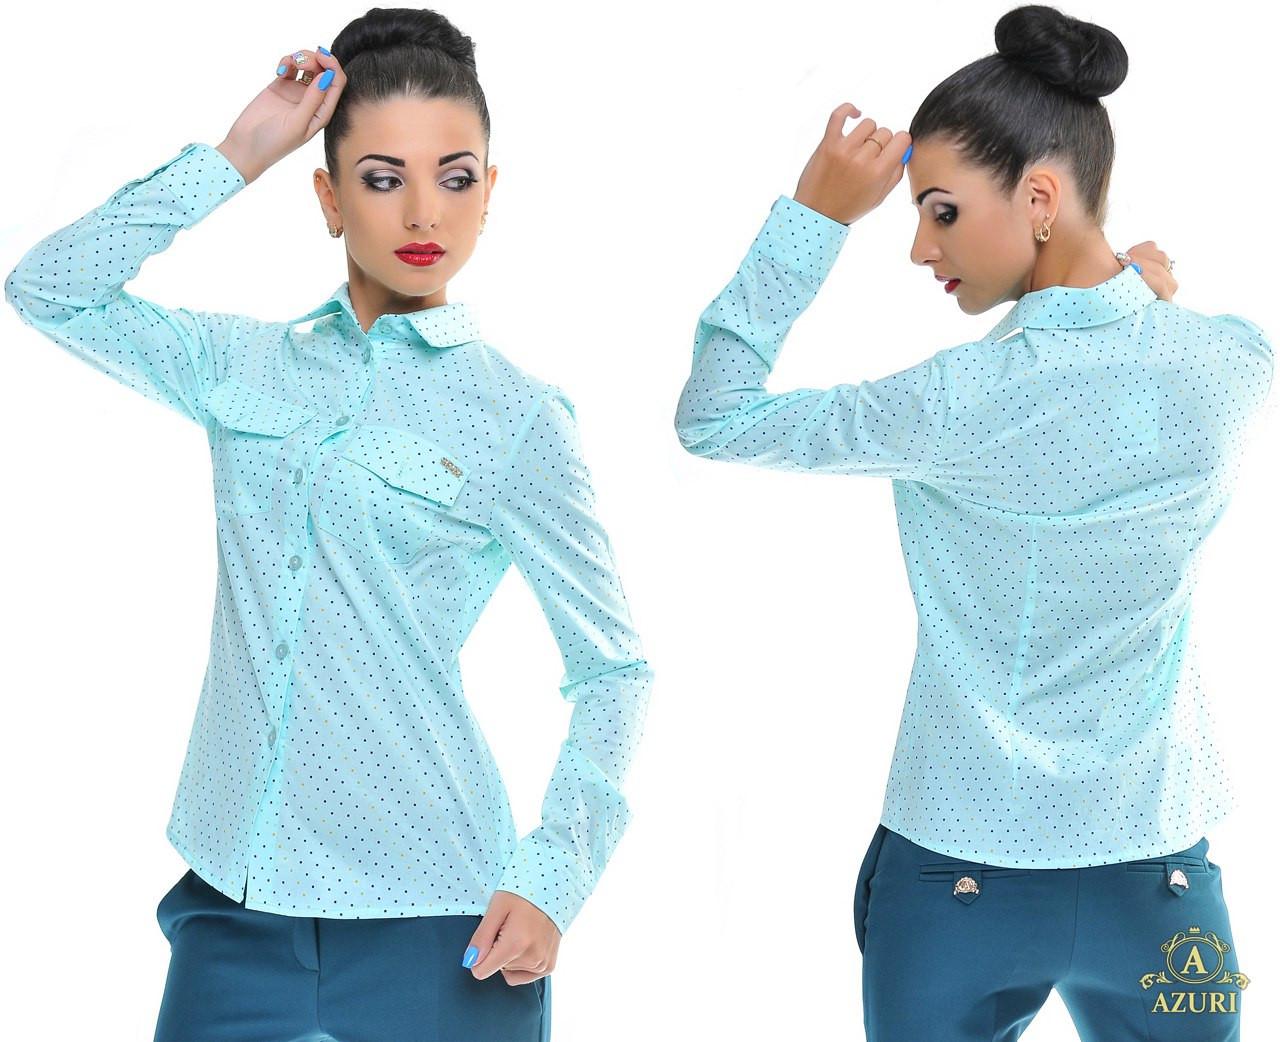 e92a1a474b5 Женская рубашка в горох с длинным рукавом. Цвет  голубой